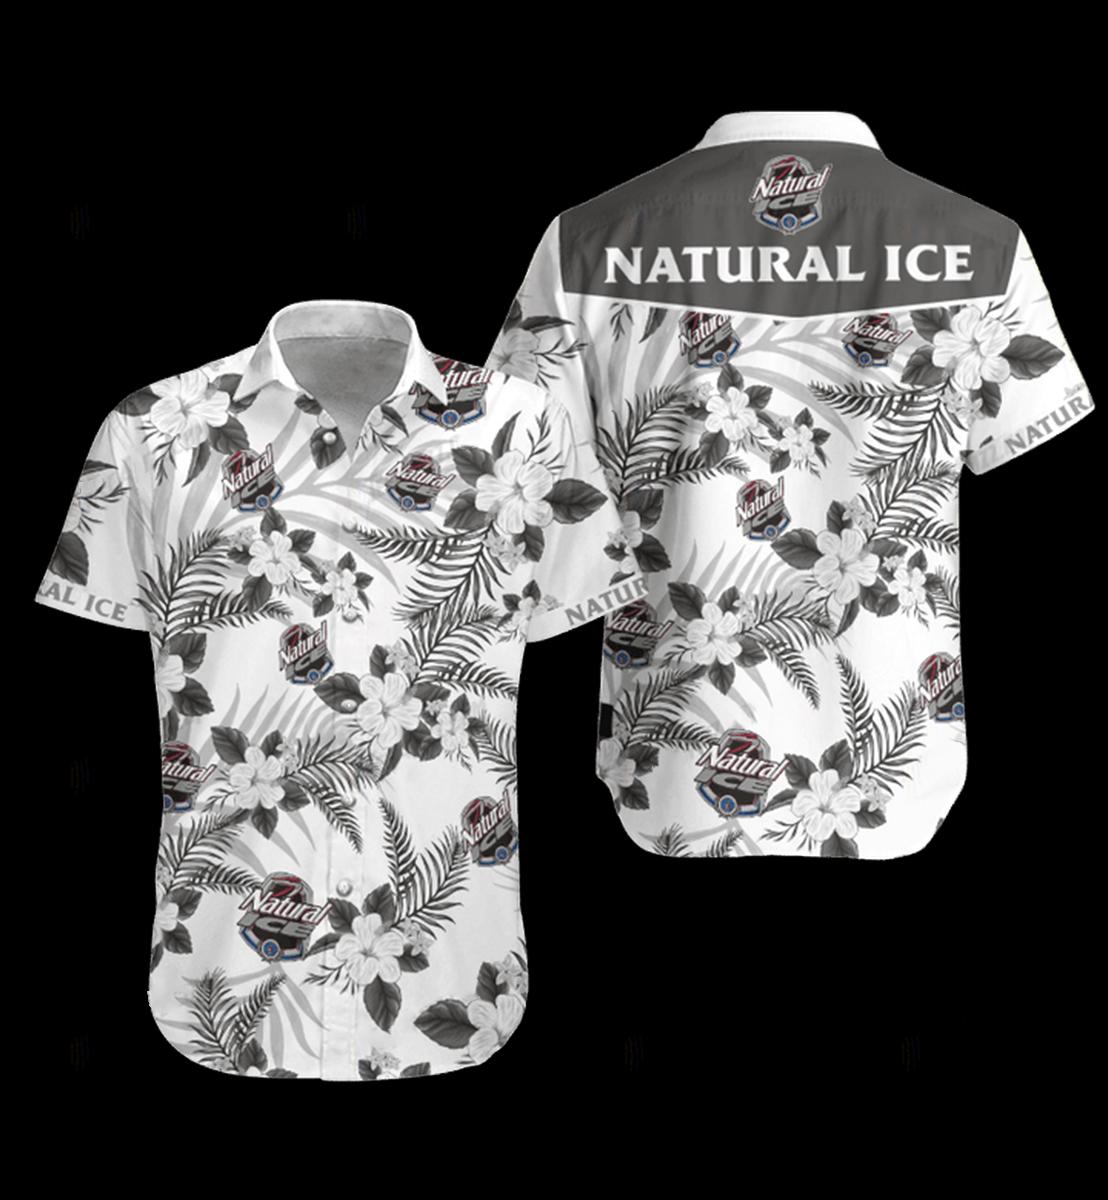 4 Natural Ice Hawaiian Shirt and Short 1 1